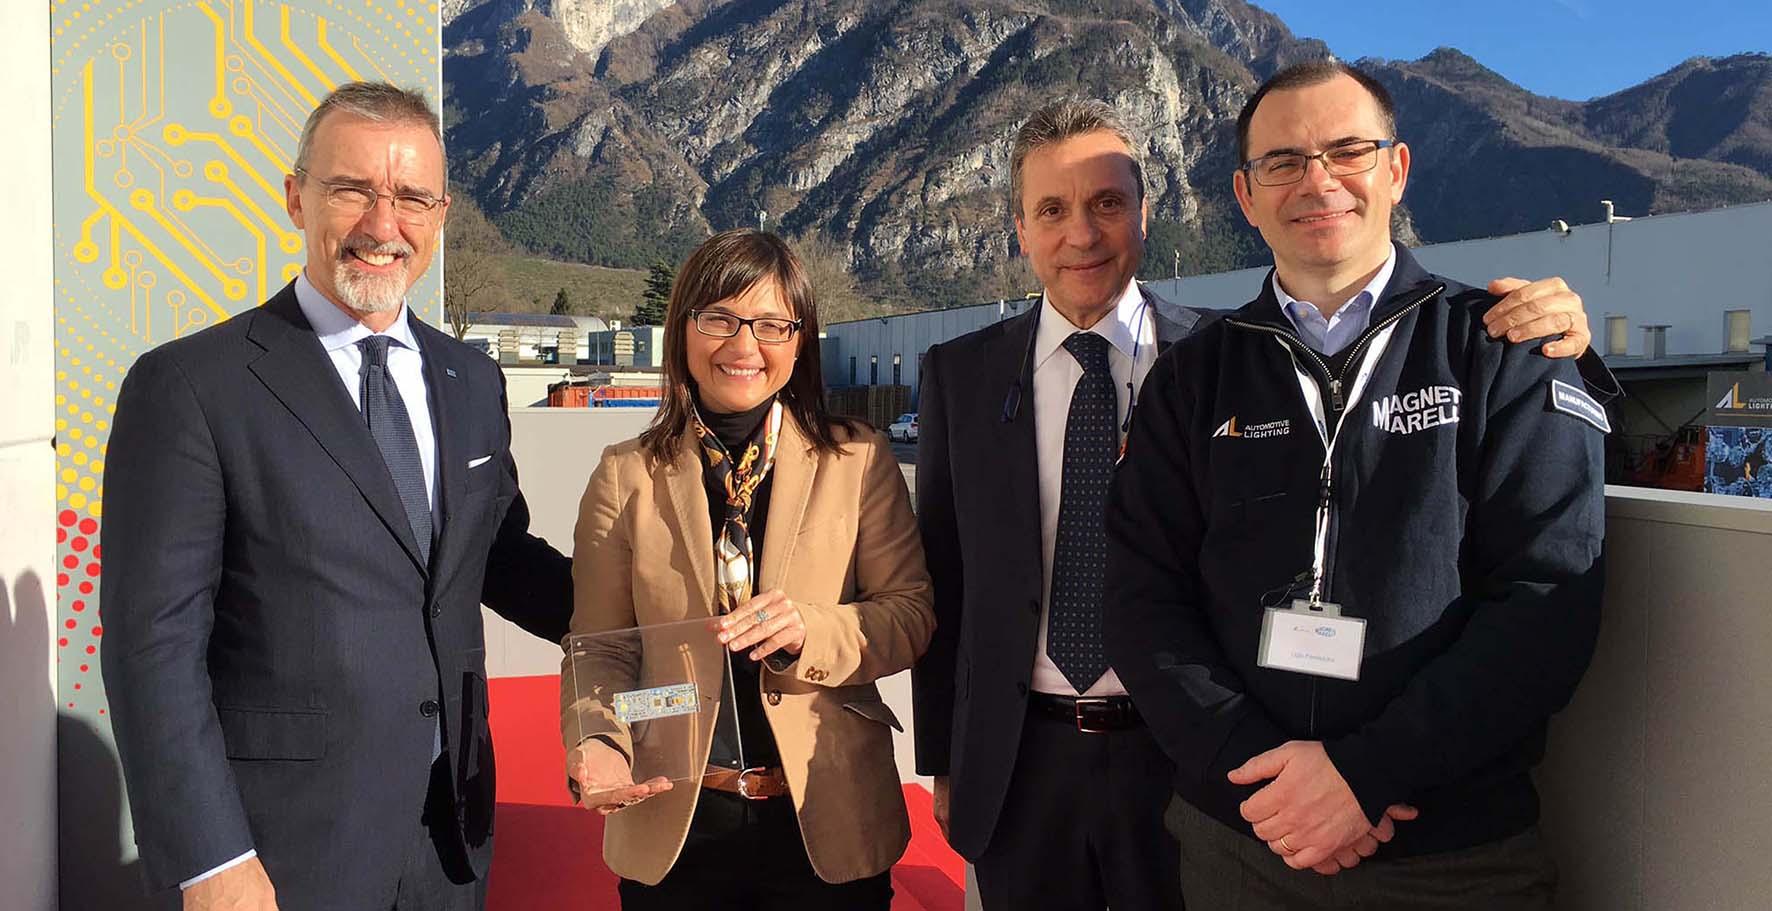 Pietro Gorlier Amministratore delegato Magneti Marelli Debora Serracchiani e Ugo Peressoni Resp Operations Sud Europa Automotive Lighting